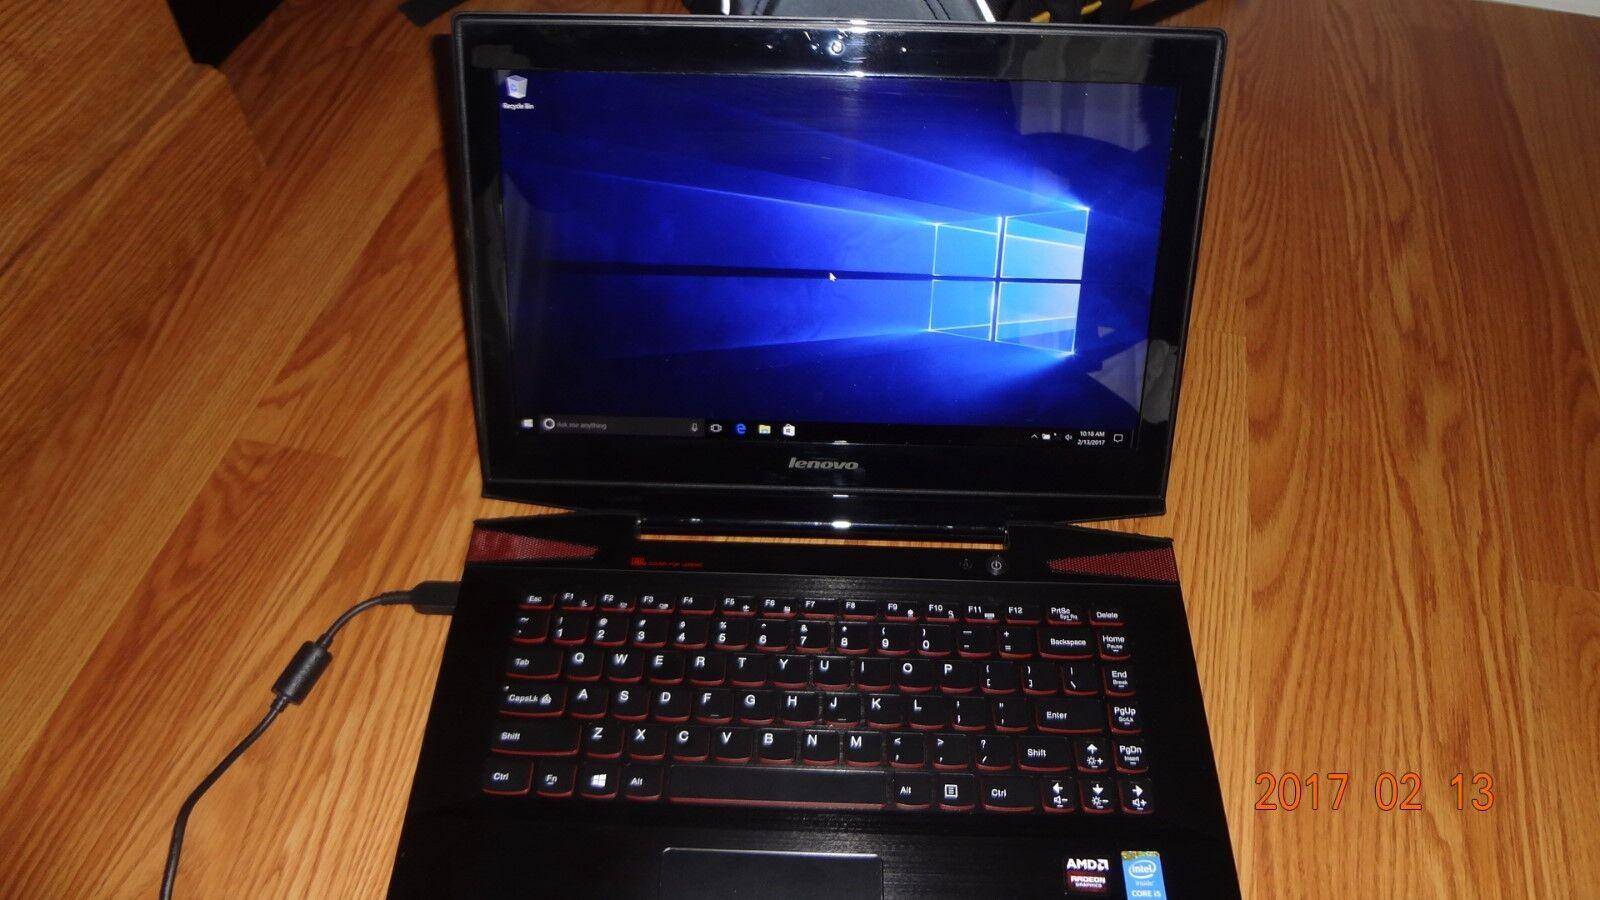 Lenovo Y40-70 Fast Gaming Laptop 4th Gen. Intel i5, 16GB DDR3,AMD Radeon R9 M275